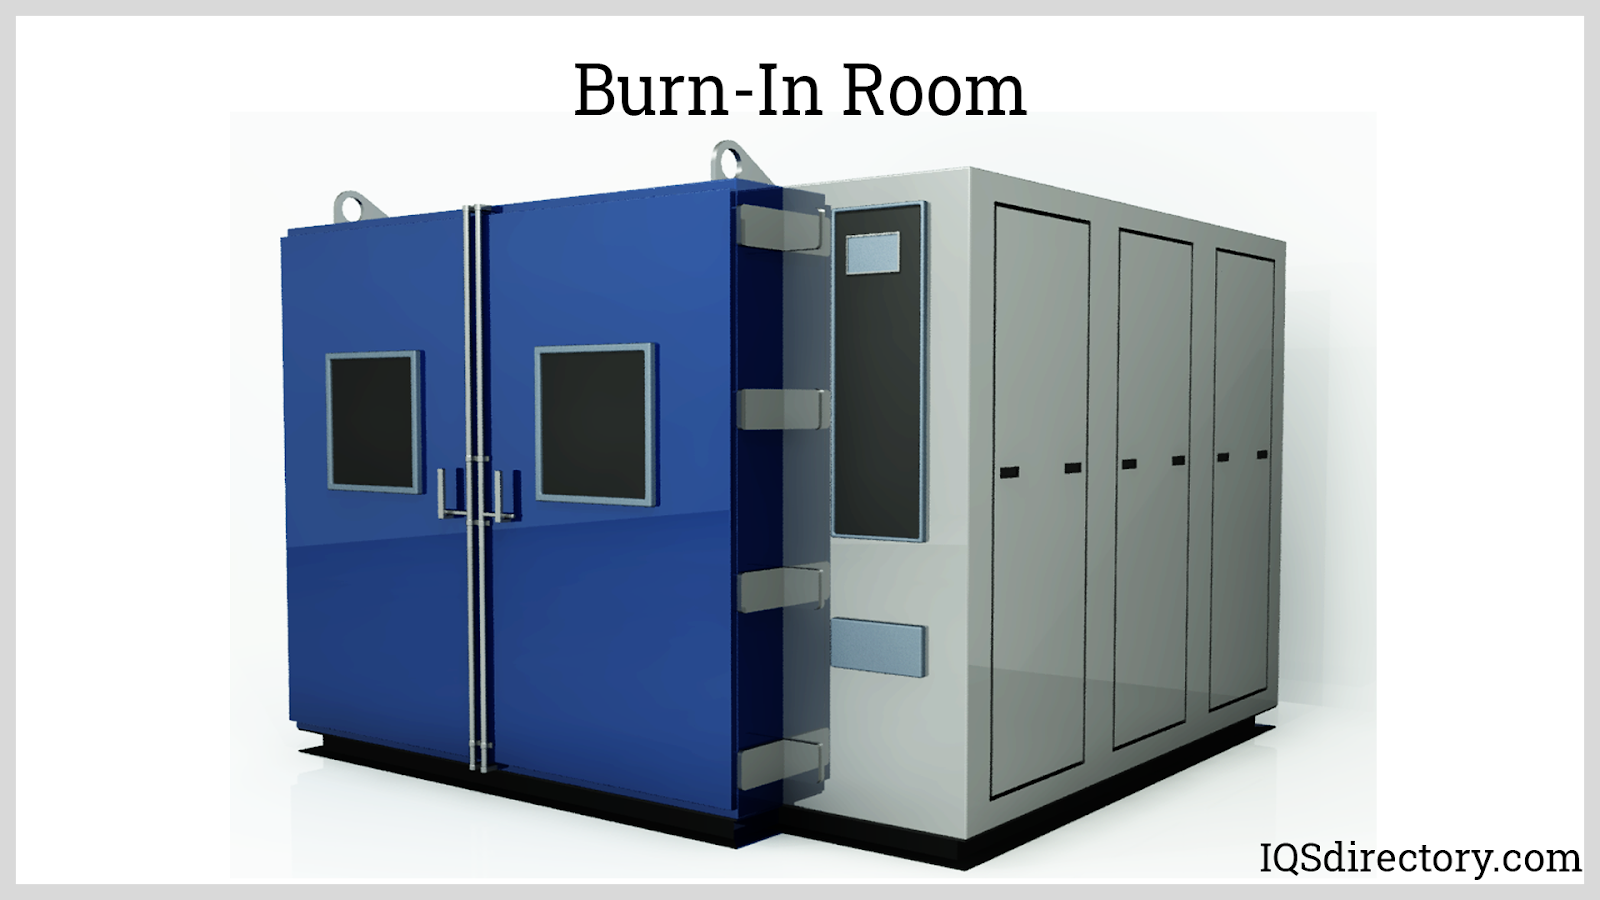 Burn-In Room